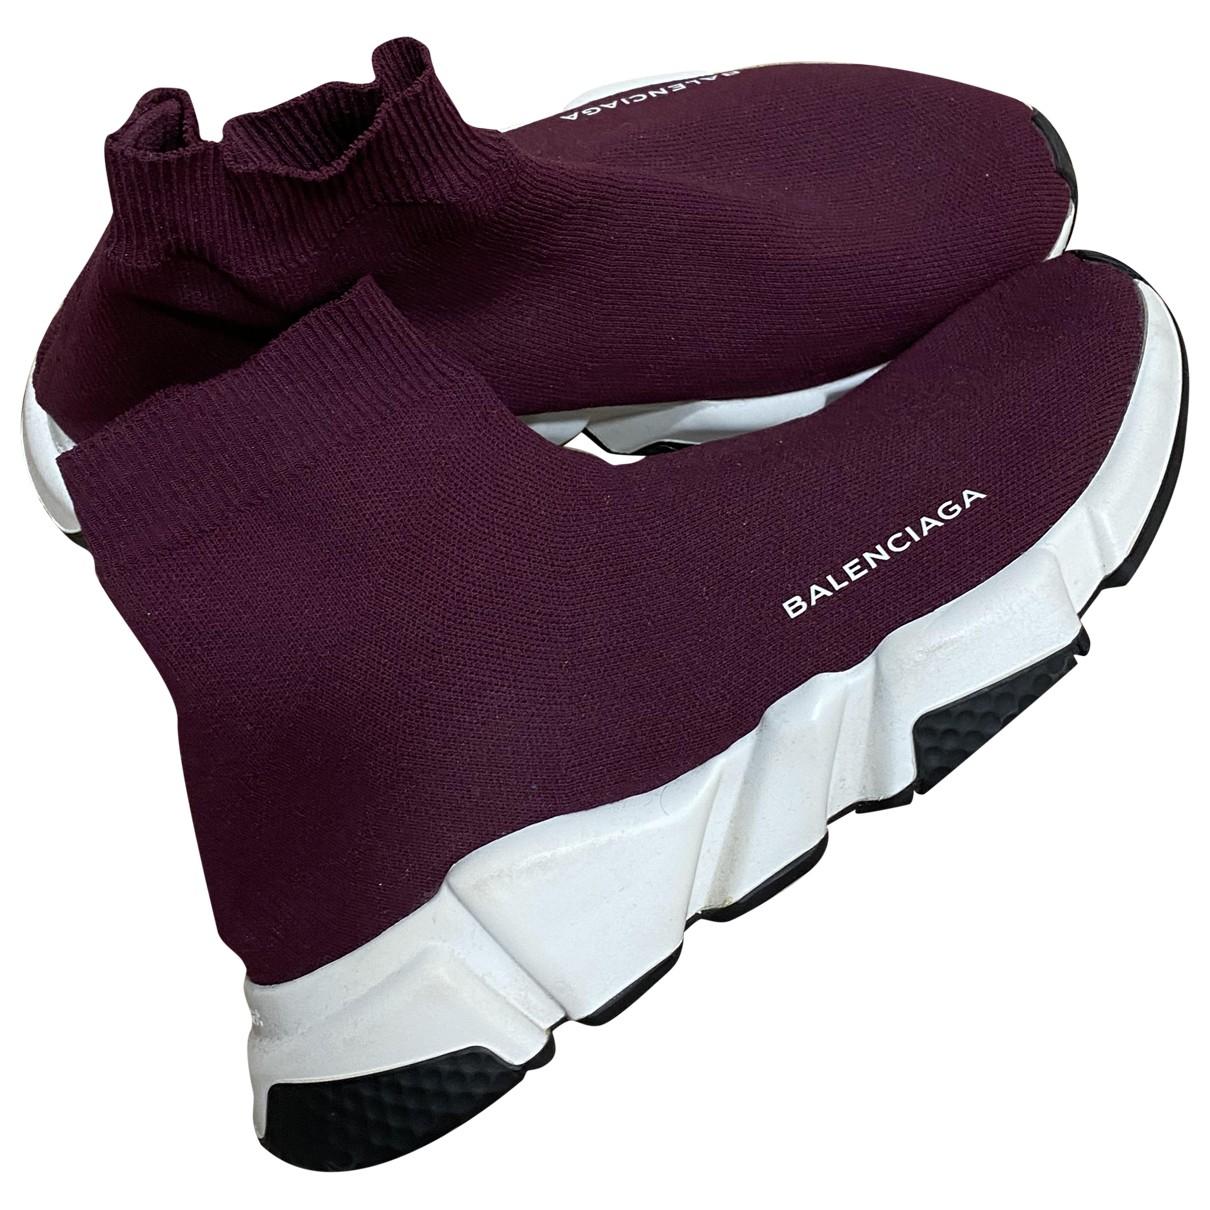 Balenciaga - Baskets Speed pour femme en toile - bordeaux